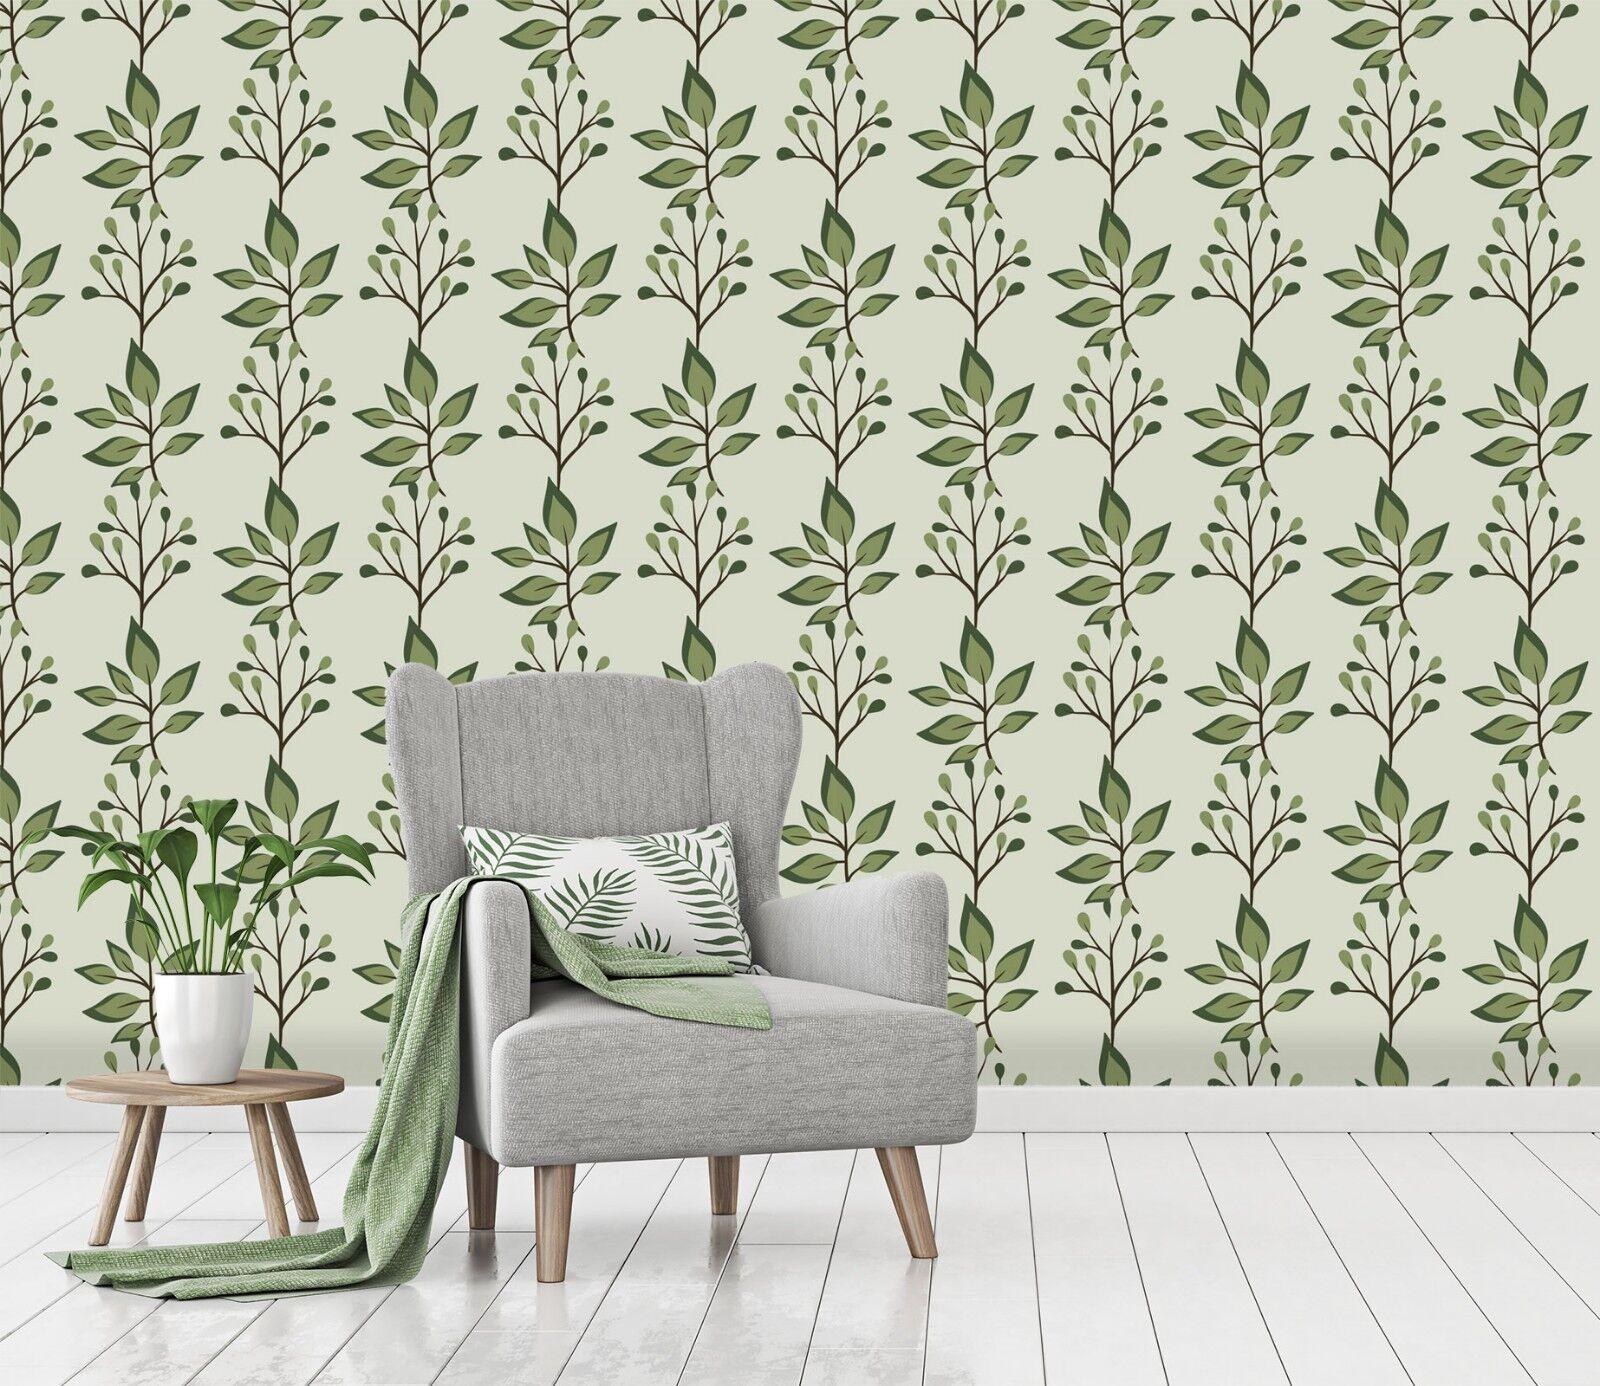 3D Grüne Blätter Rebe 0 Tapete Wandgemälde Tapete Tapeten Familie Kinde DE Lemon